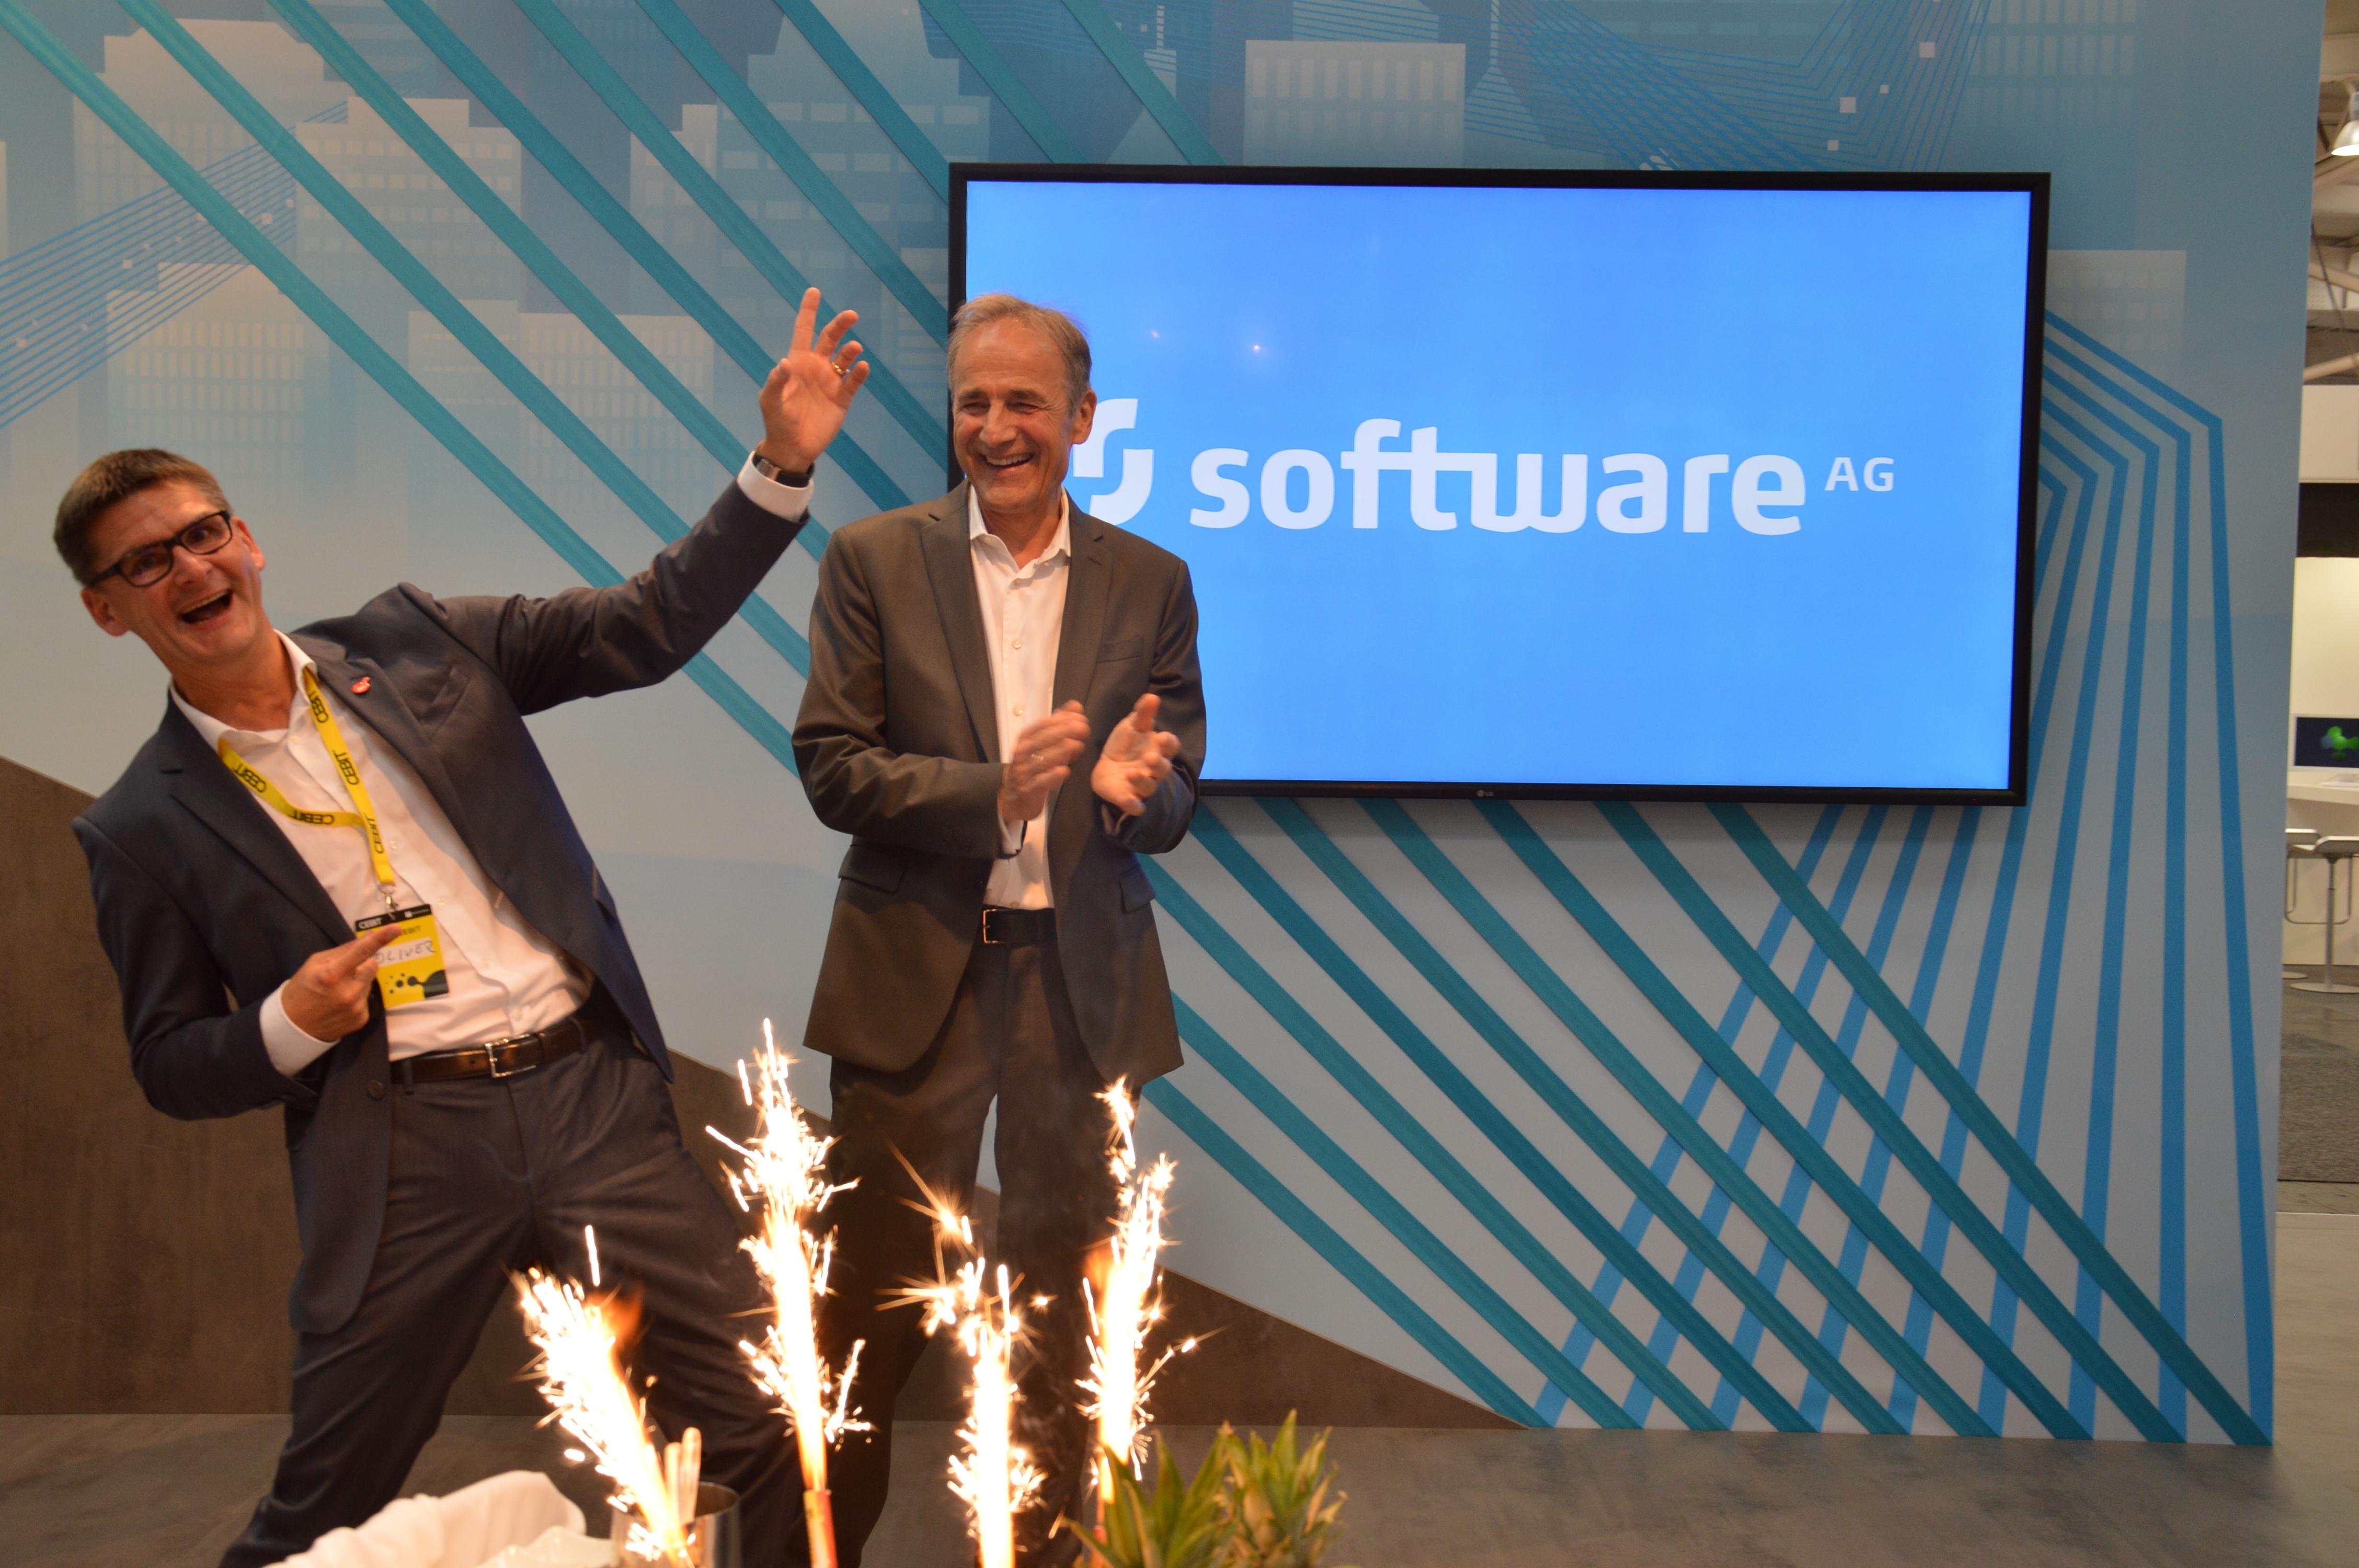 Software AG's CEO Karl-Heinz Streibich